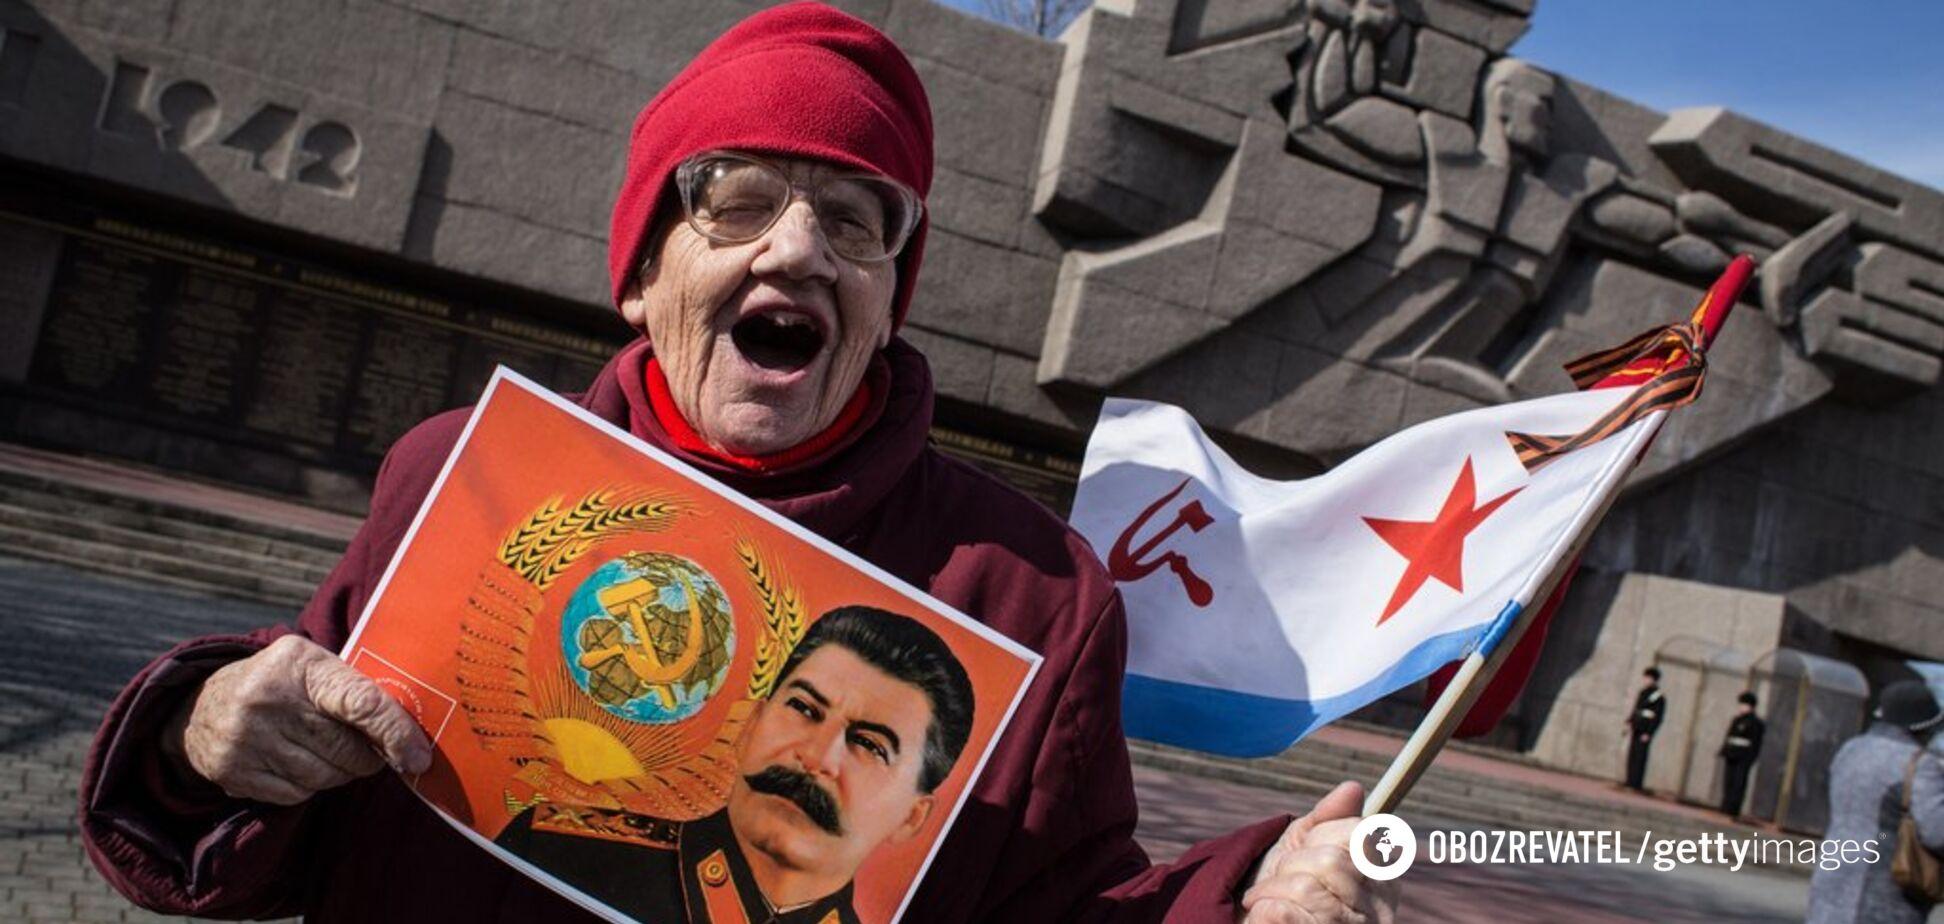 Украина без Крыма: скандал с The New York Times получил внезапное продолжение